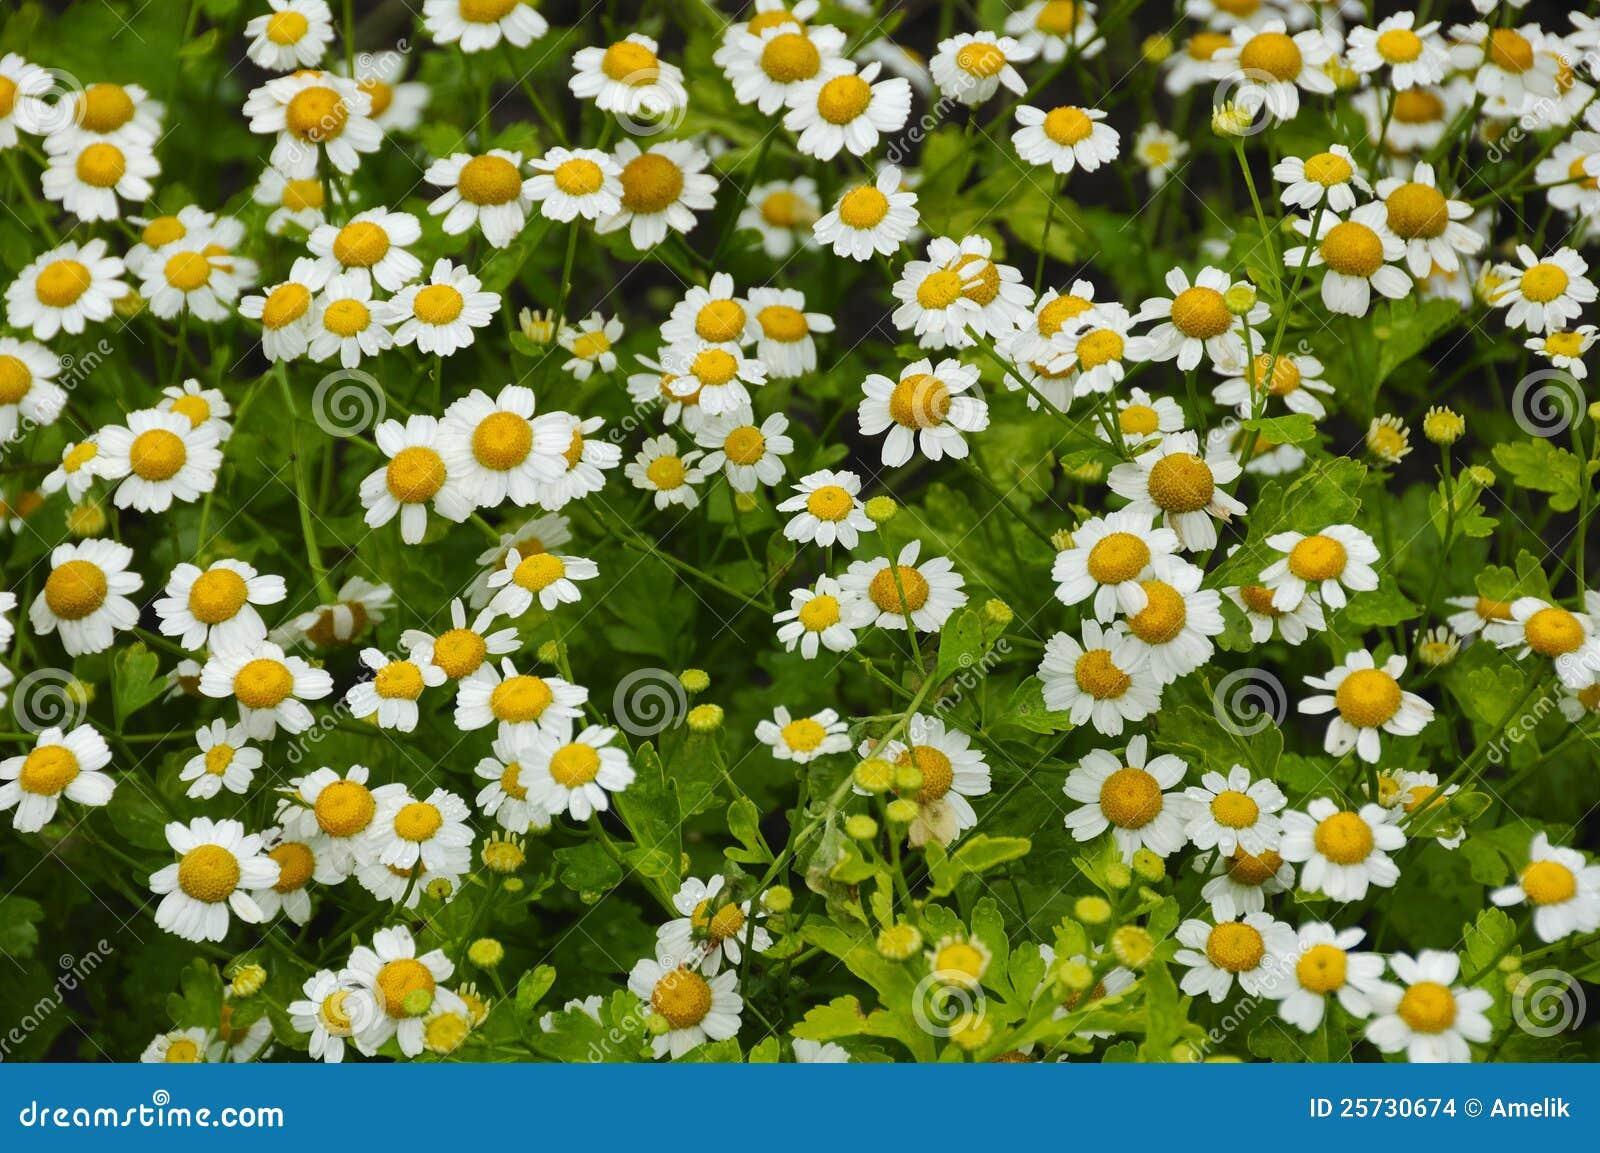 White pyrethrum parthenium